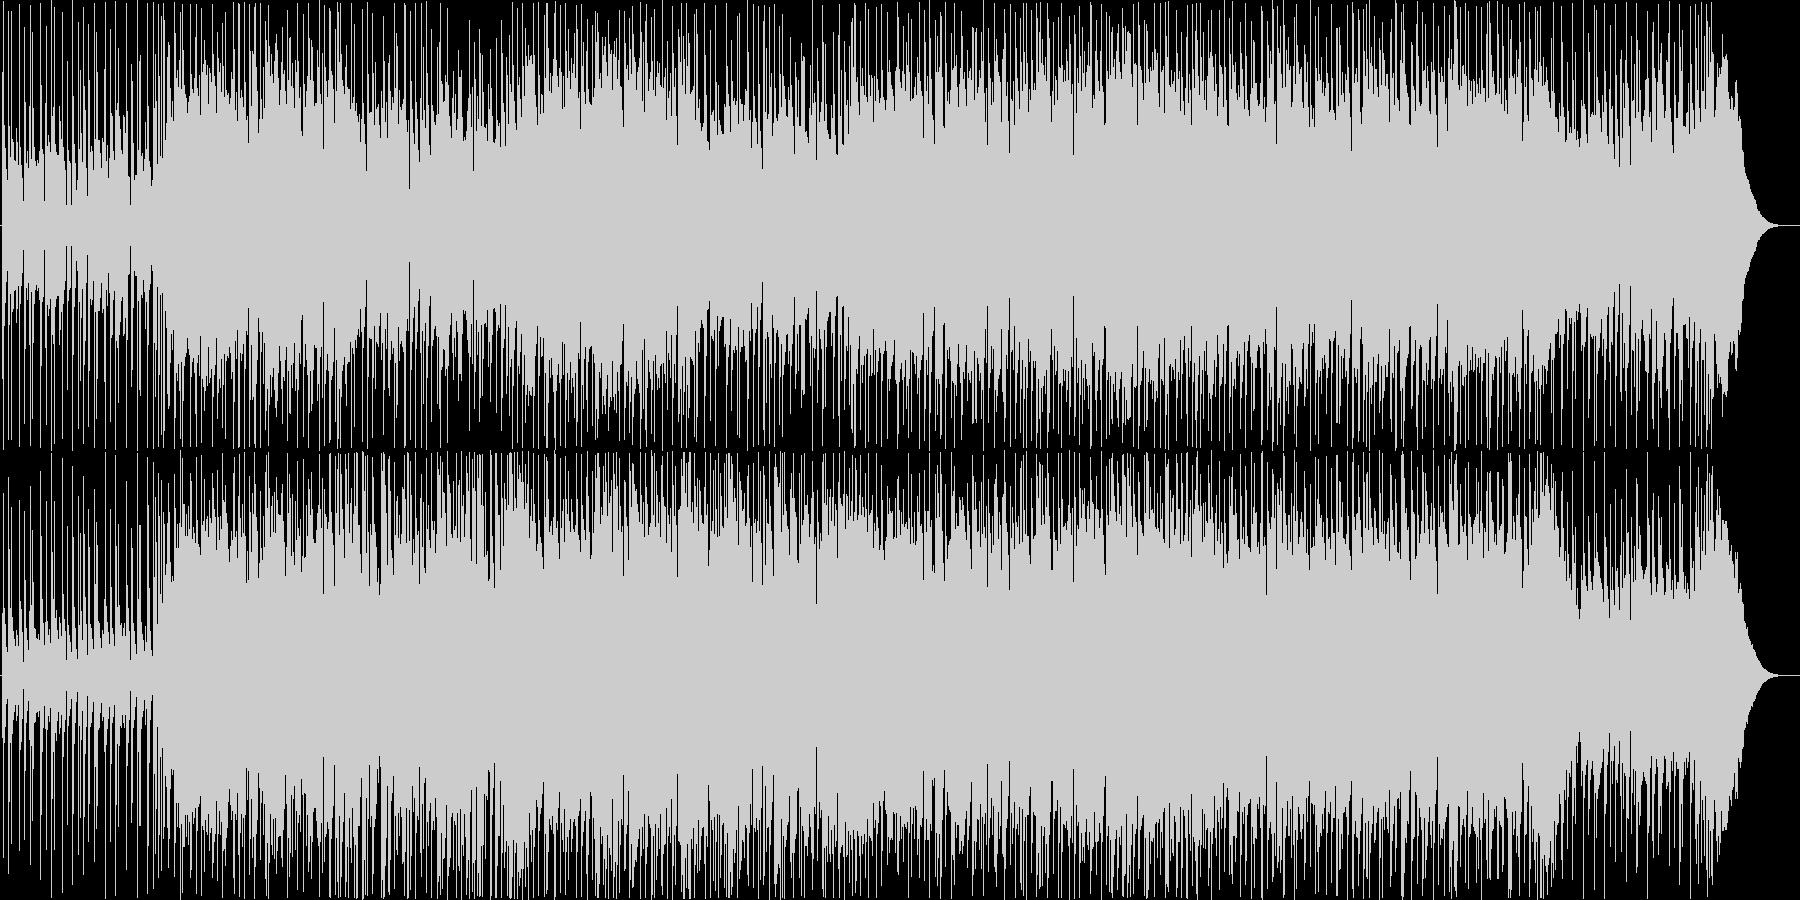 ギターインストポップの未再生の波形